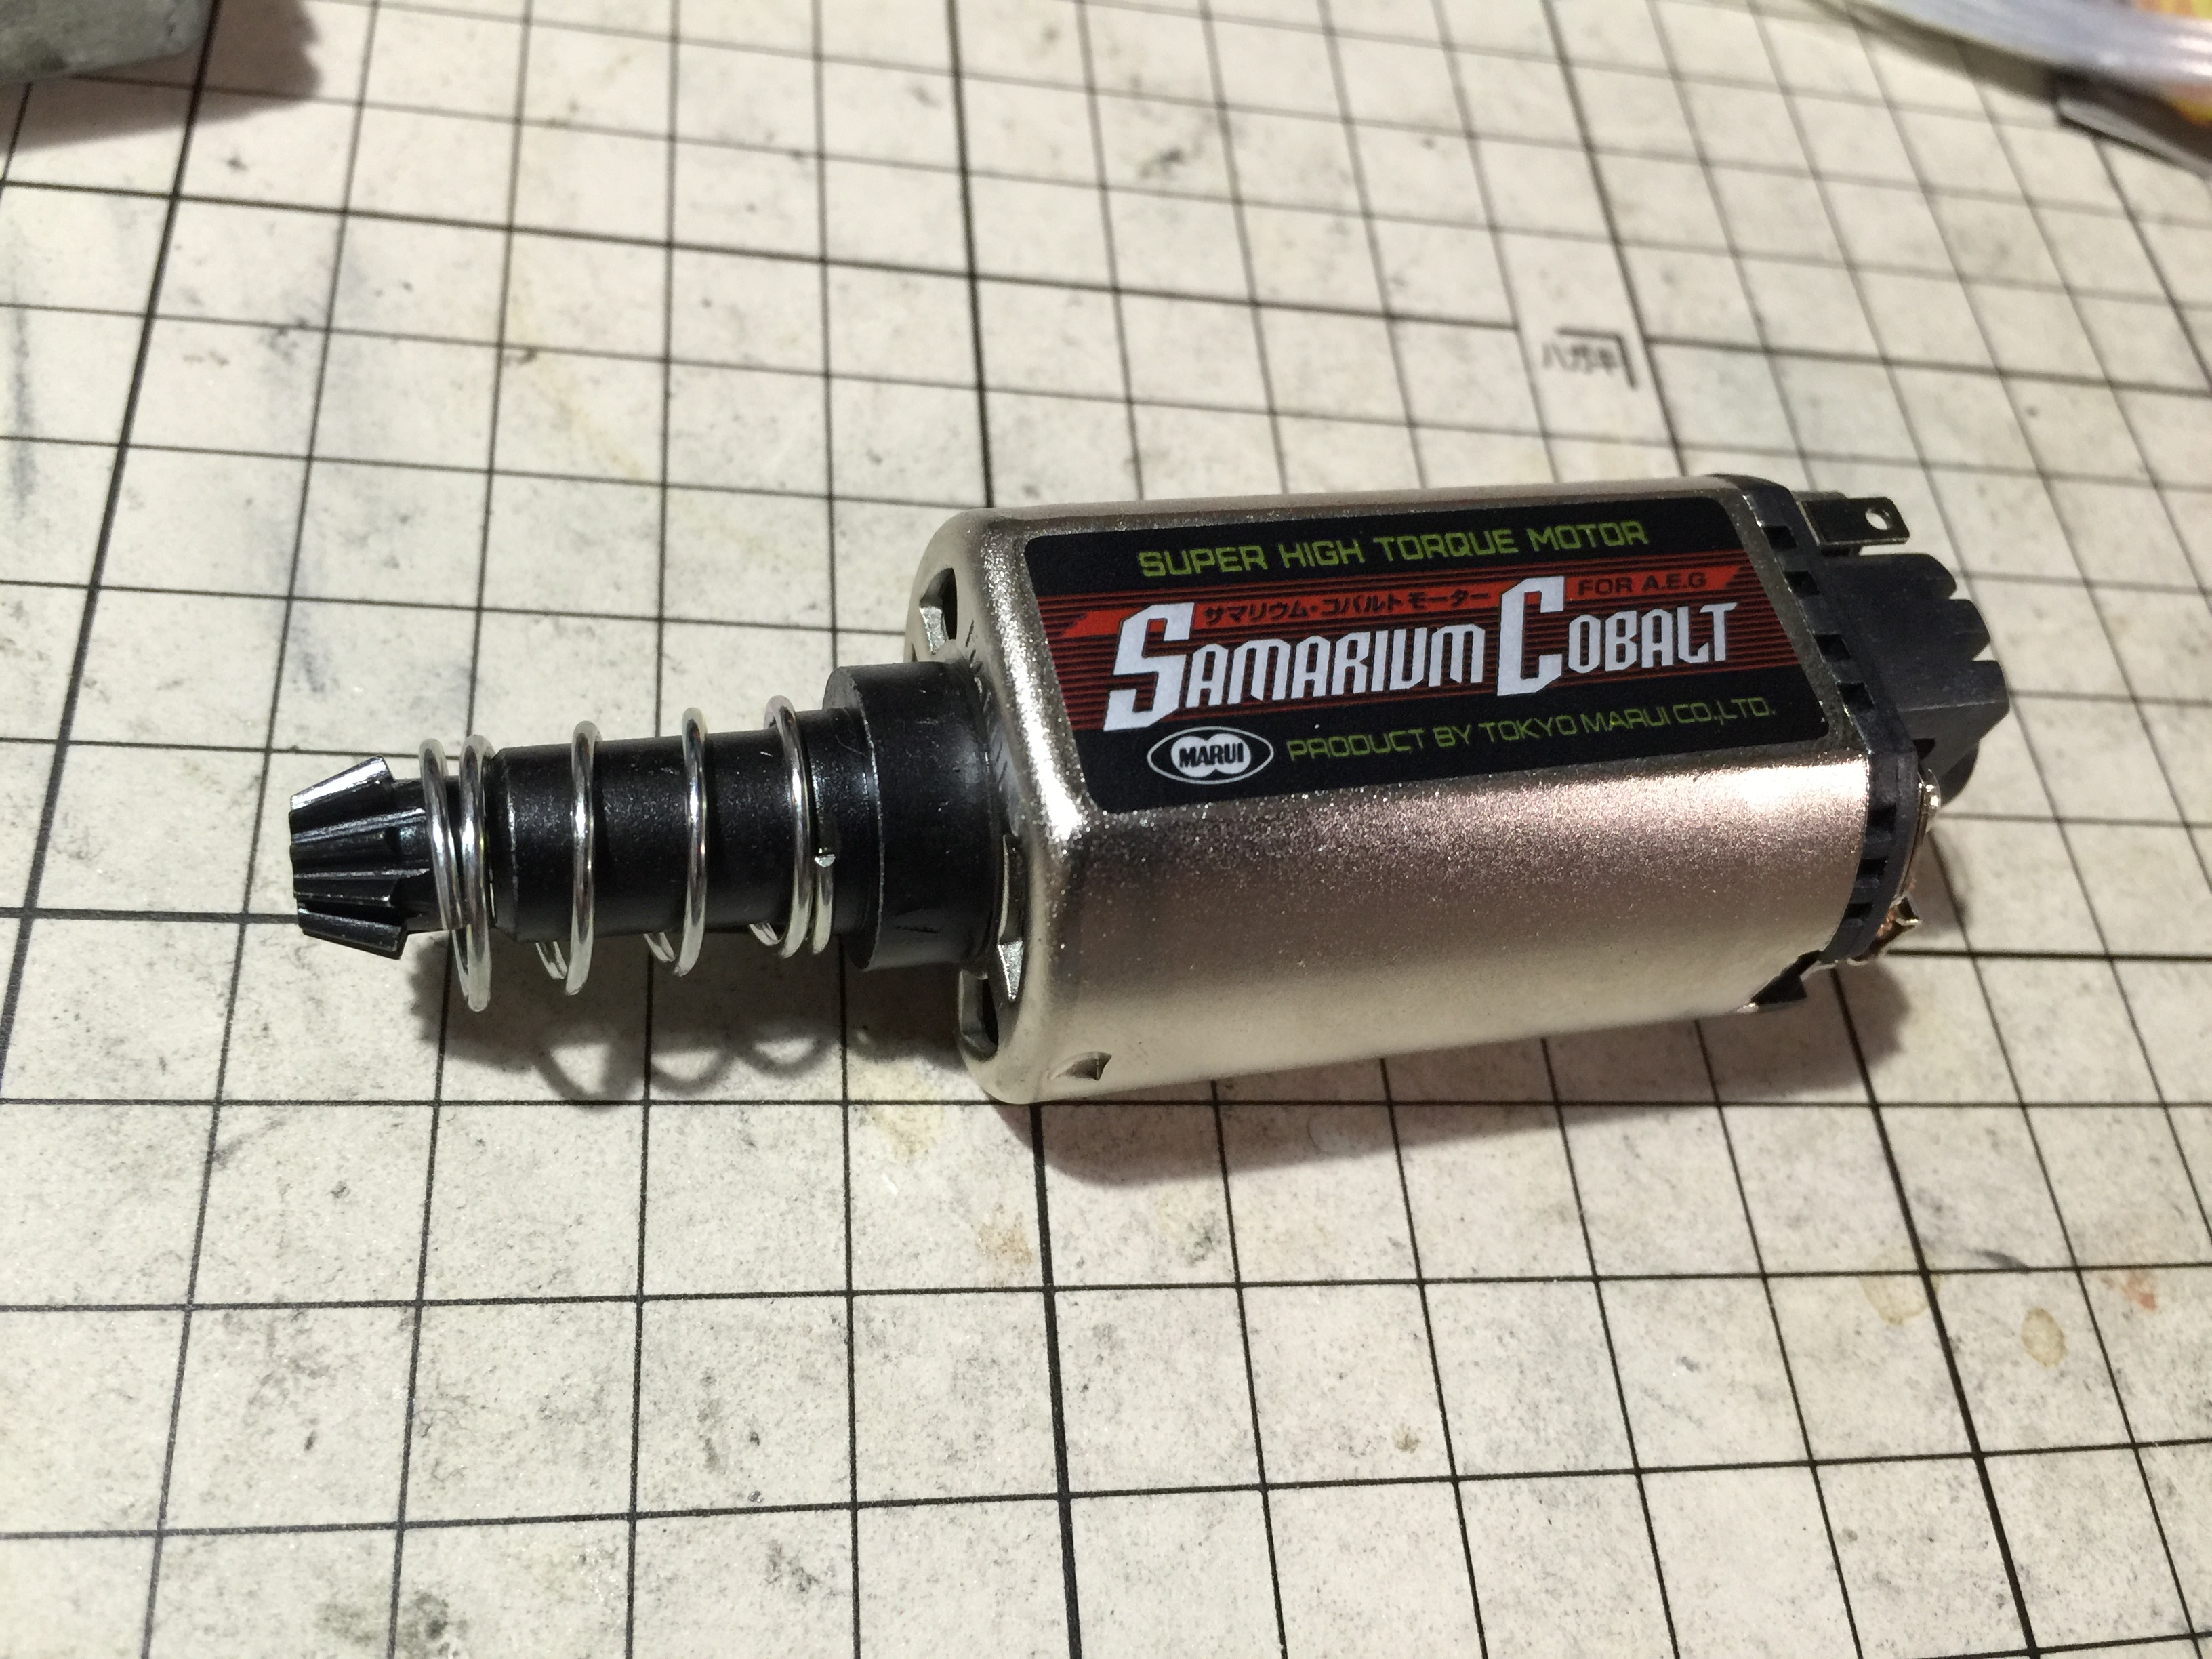 【カスタム】夏HK416D!~サマリウムコバルトモーター搭載 実装編~